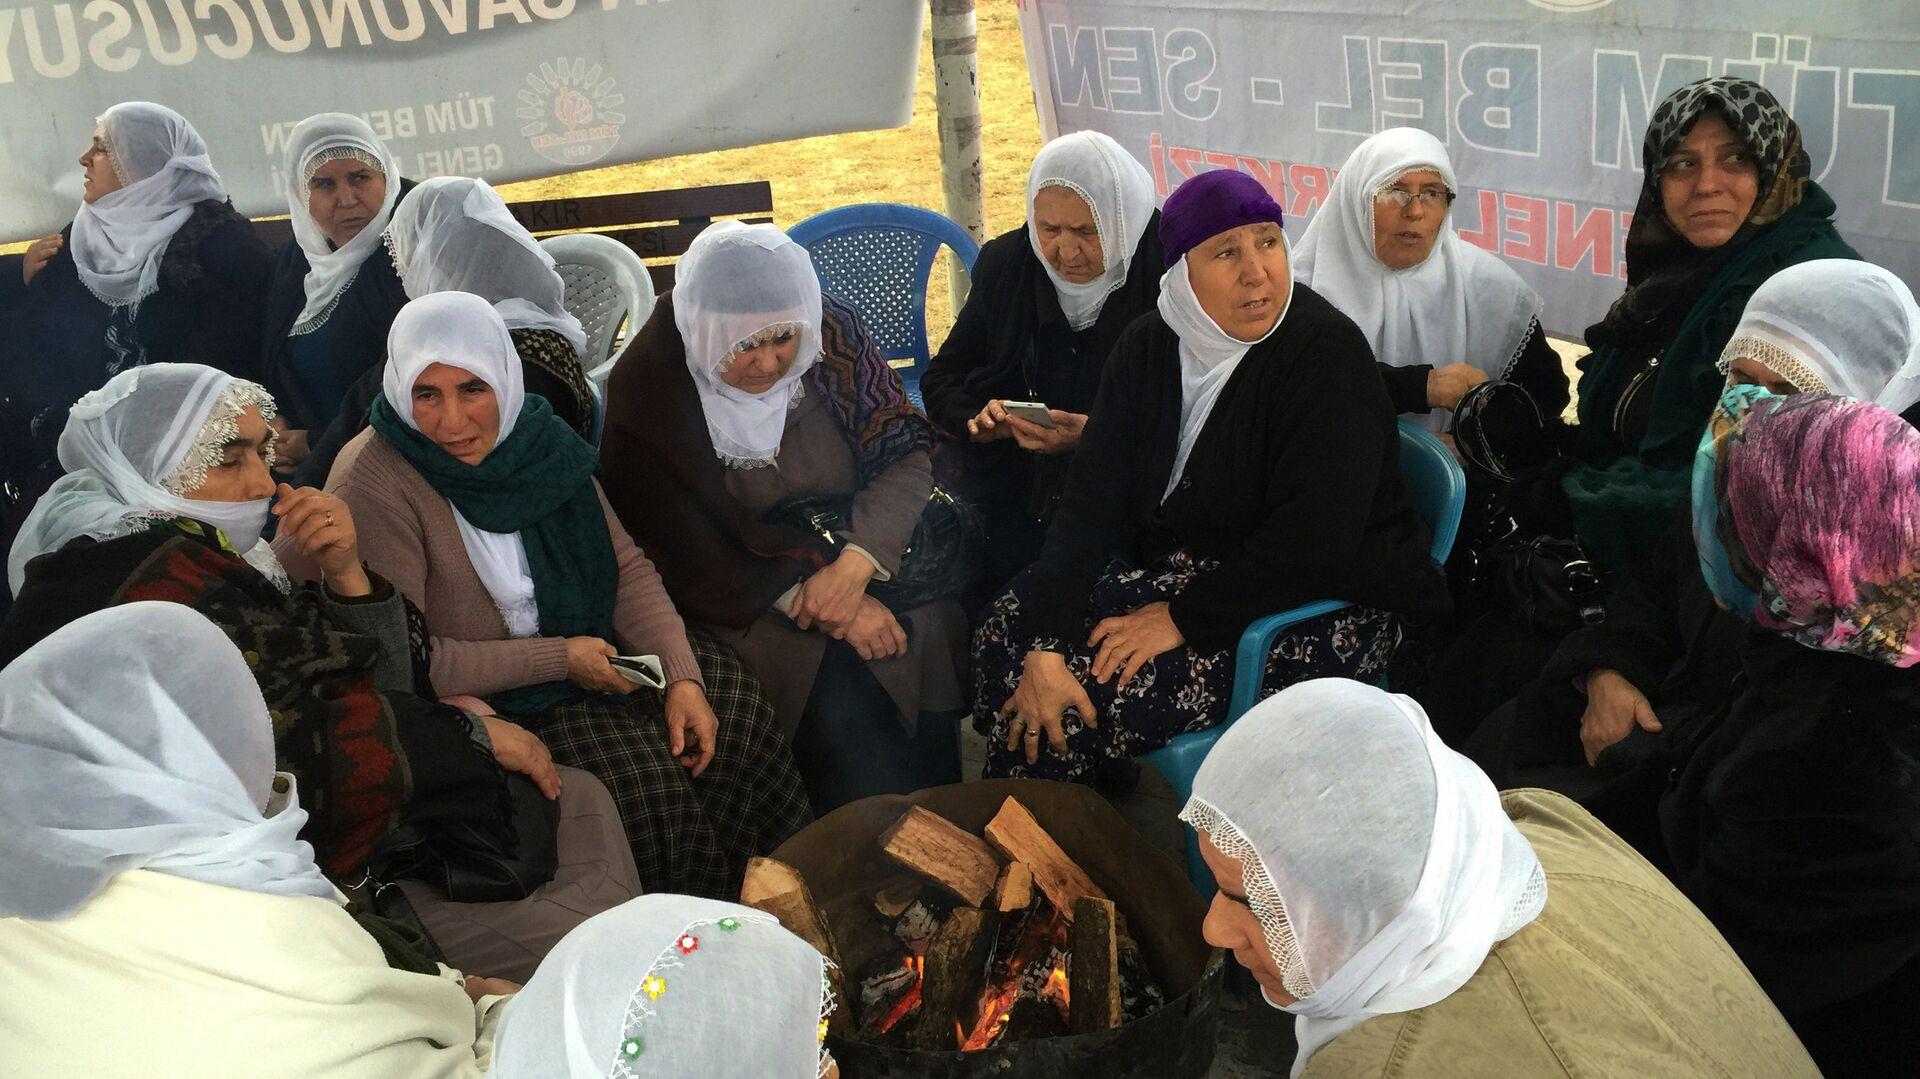 В турецком Диярбакыре сотни женщин выступили против столкновений между турецкой армией и курдами - РИА Новости, 1920, 20.03.2021